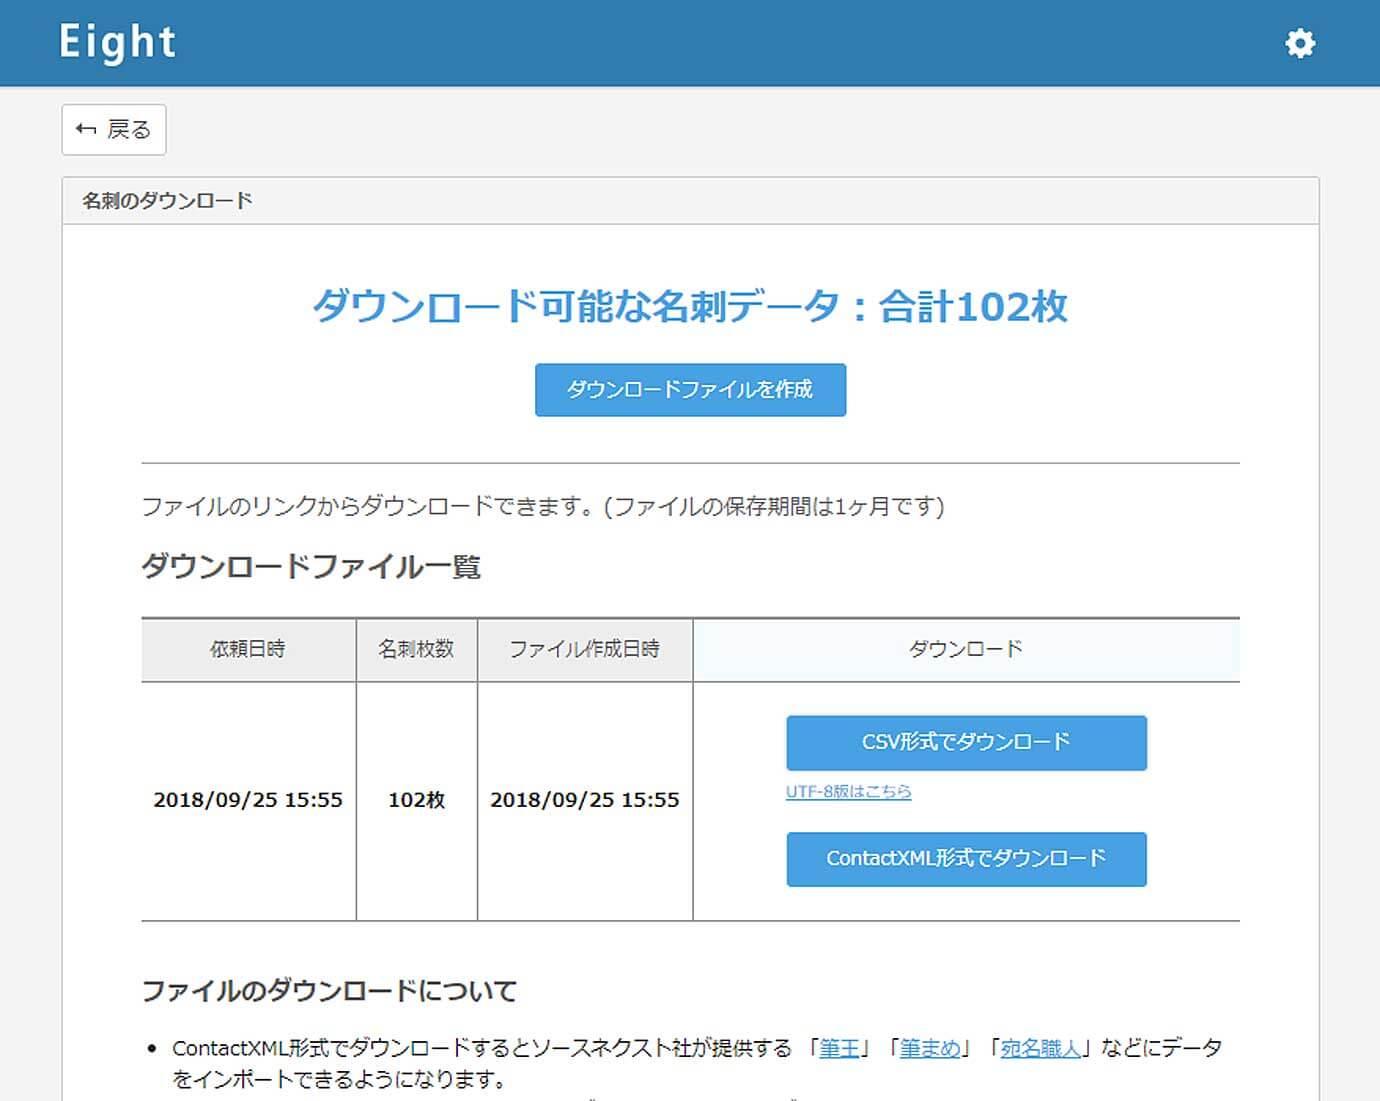 準備ができたら「CSV形式でダウンロード」をクリックします。